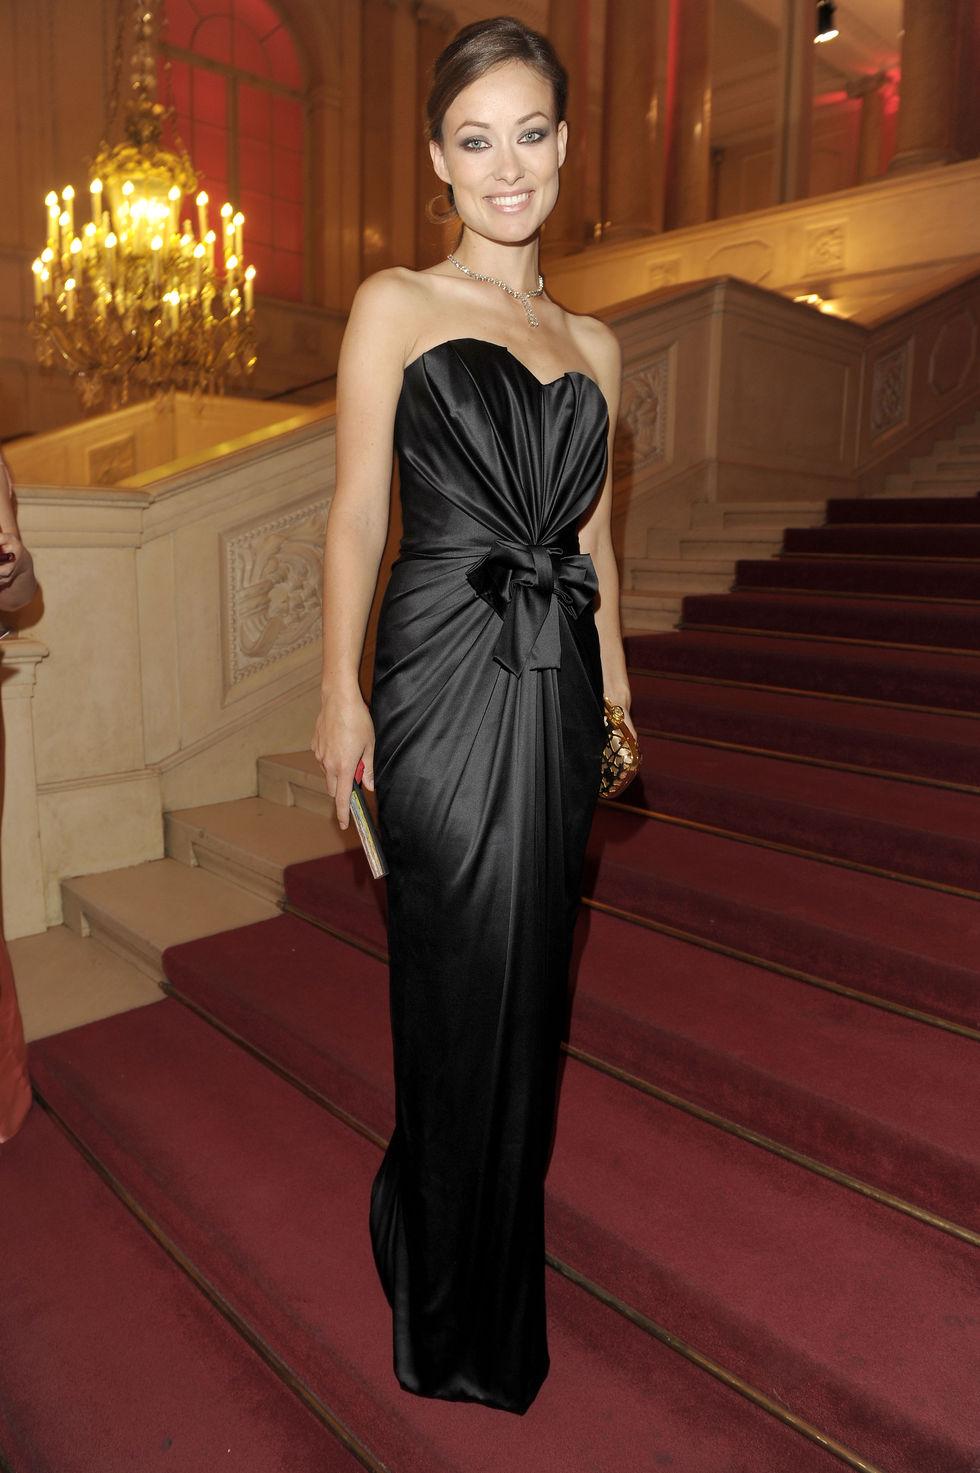 Olivia Wilde 2010 : olivia-wilde-at-romy-gala-2010-in-der-hofburg-in-vienna-13